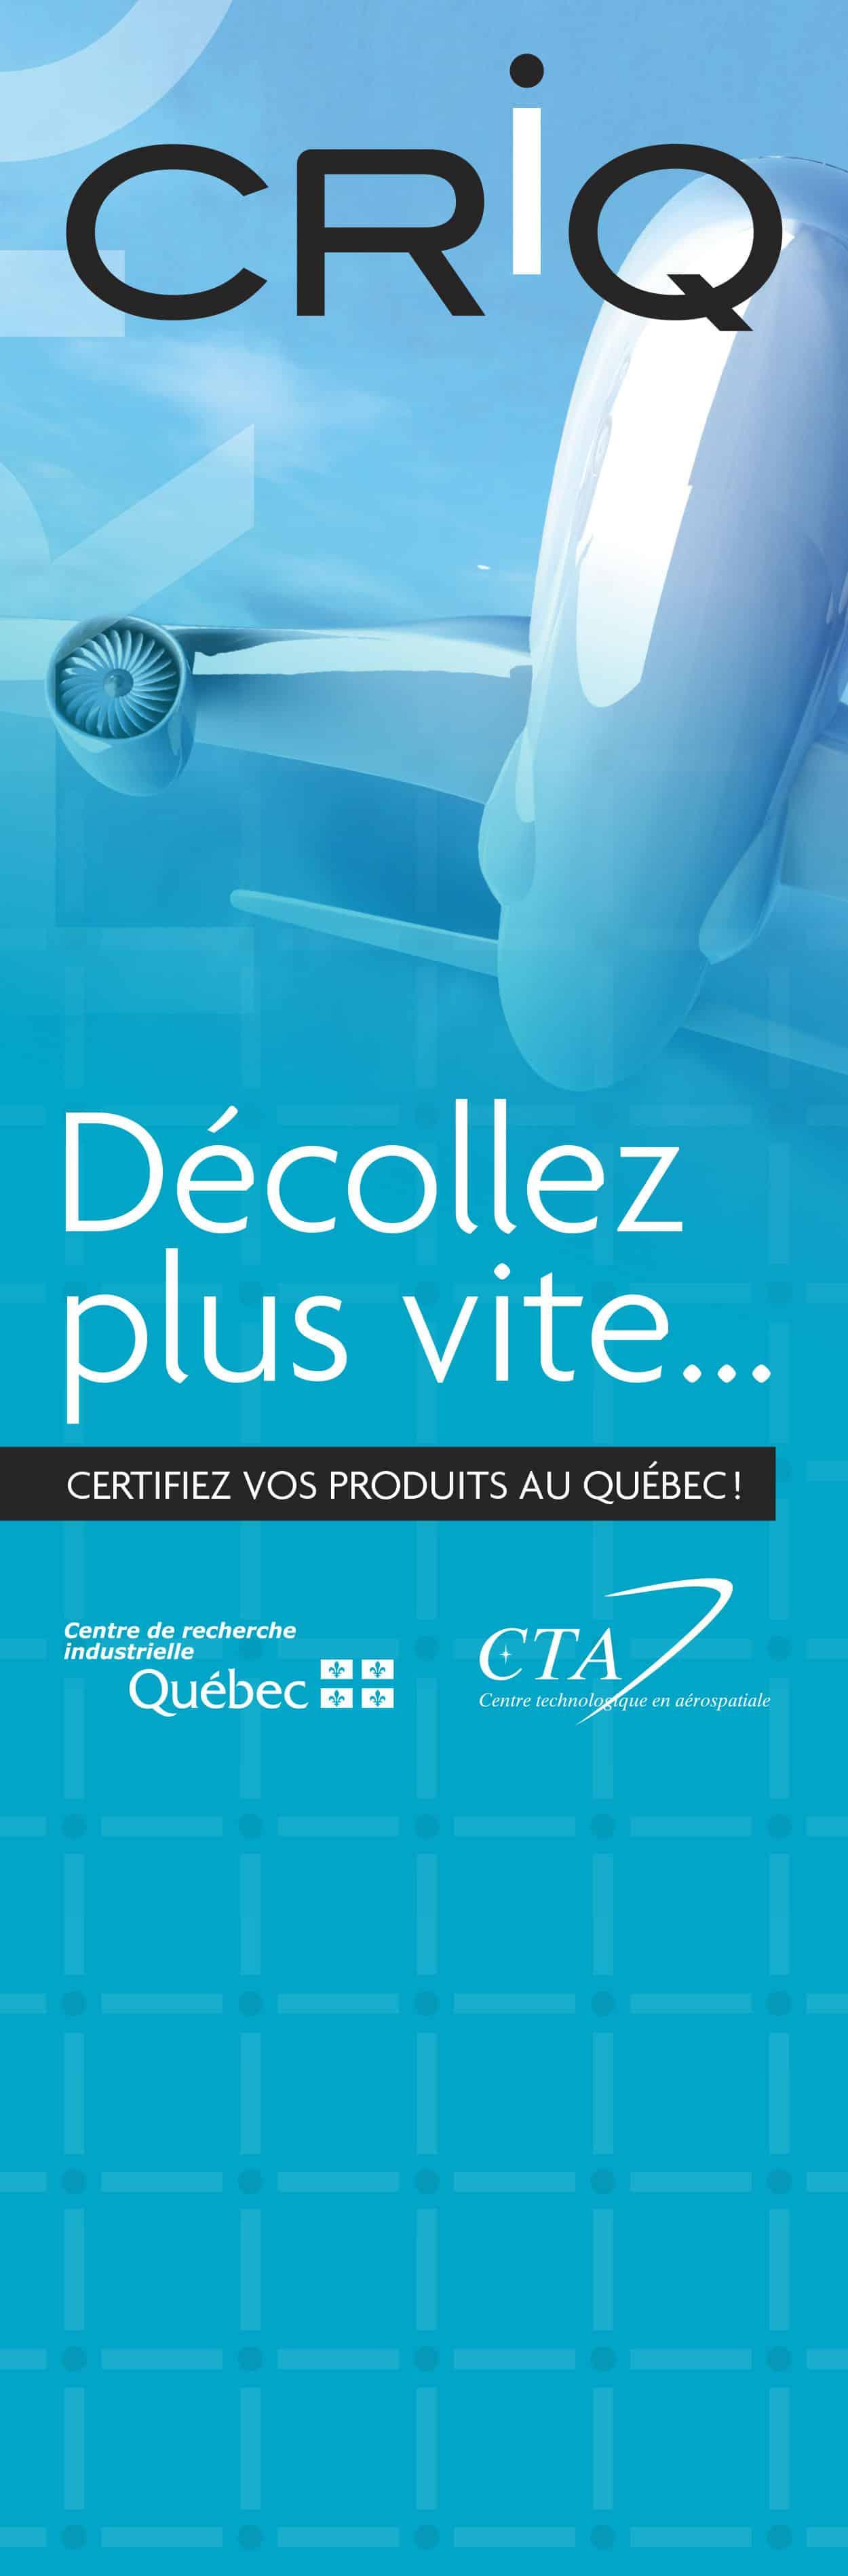 Graphisme d'une bannière pour le Centre de recherche industrielle du Québec